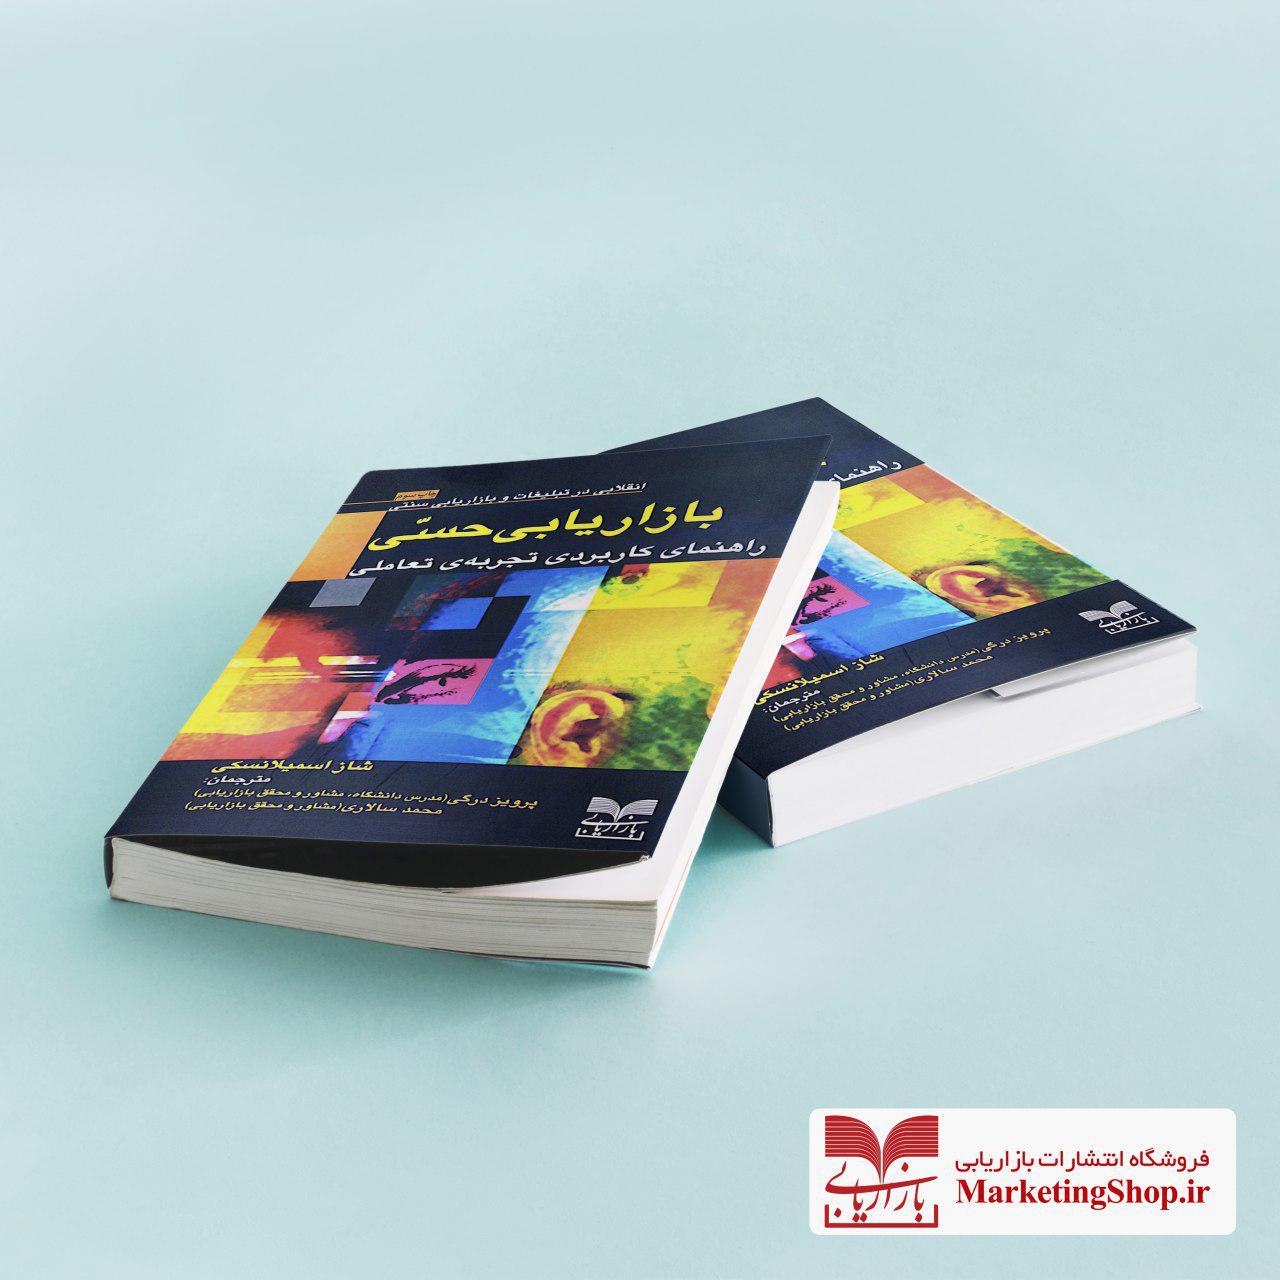 چاپ سوم کتاب بازاریابی حسی توسط انتشارات بازاریابی روانه بازار شد